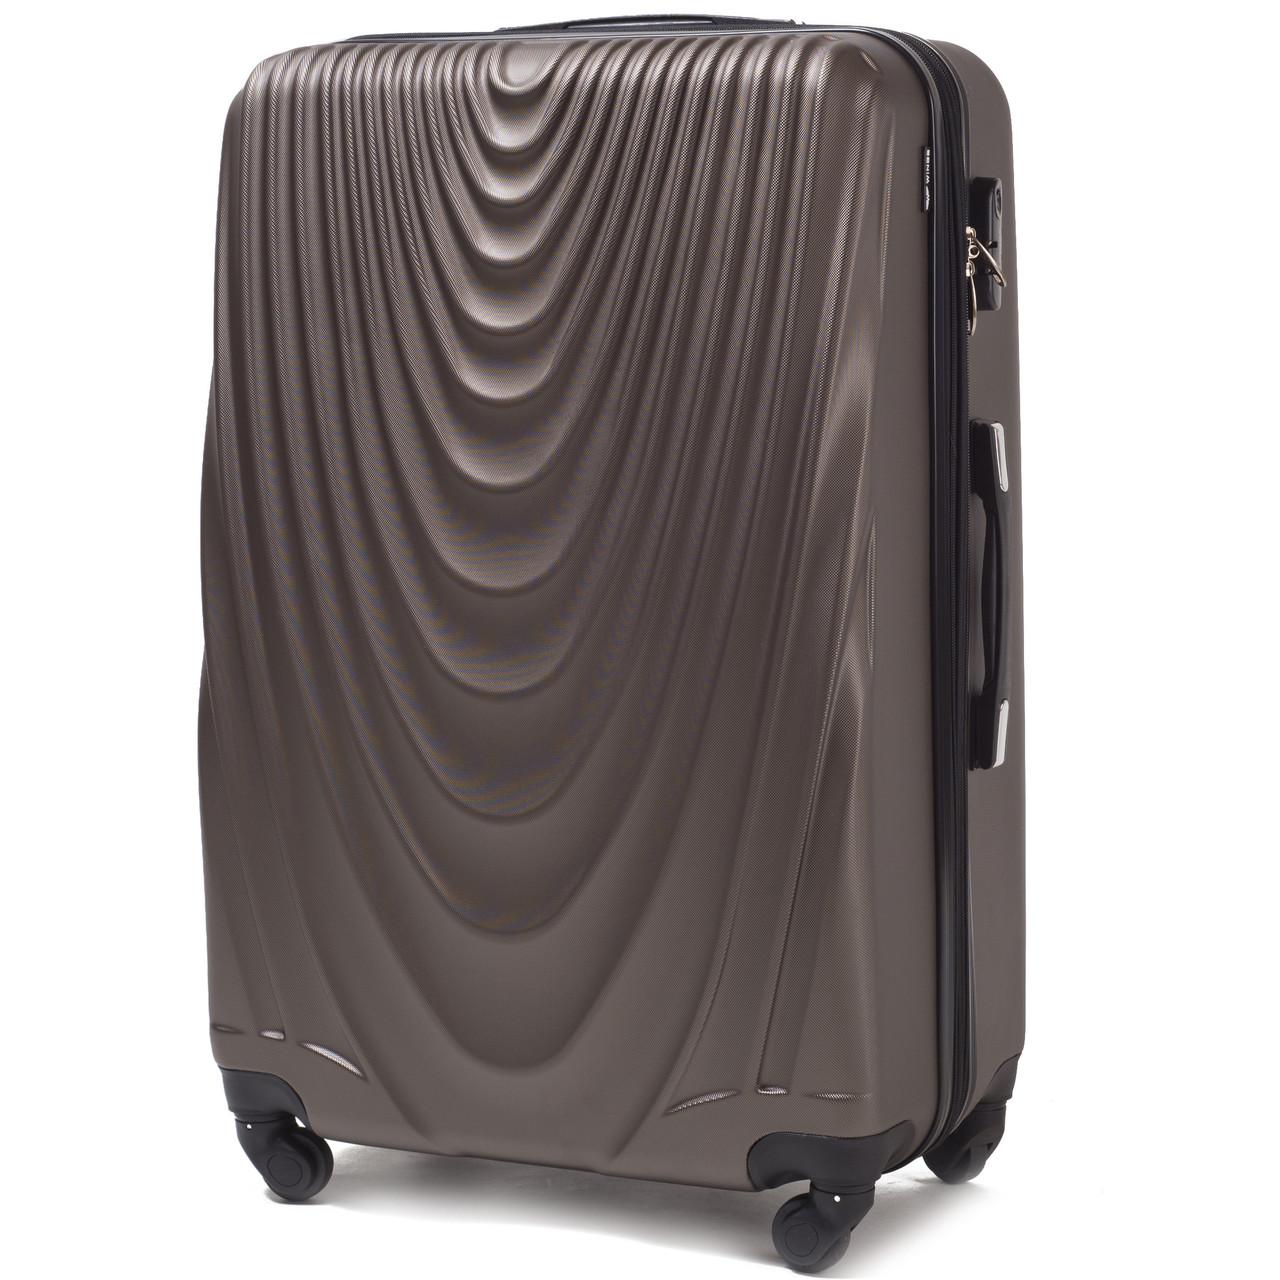 Малый пластиковый чемодан Wings 304 на 4 колесах коричневый